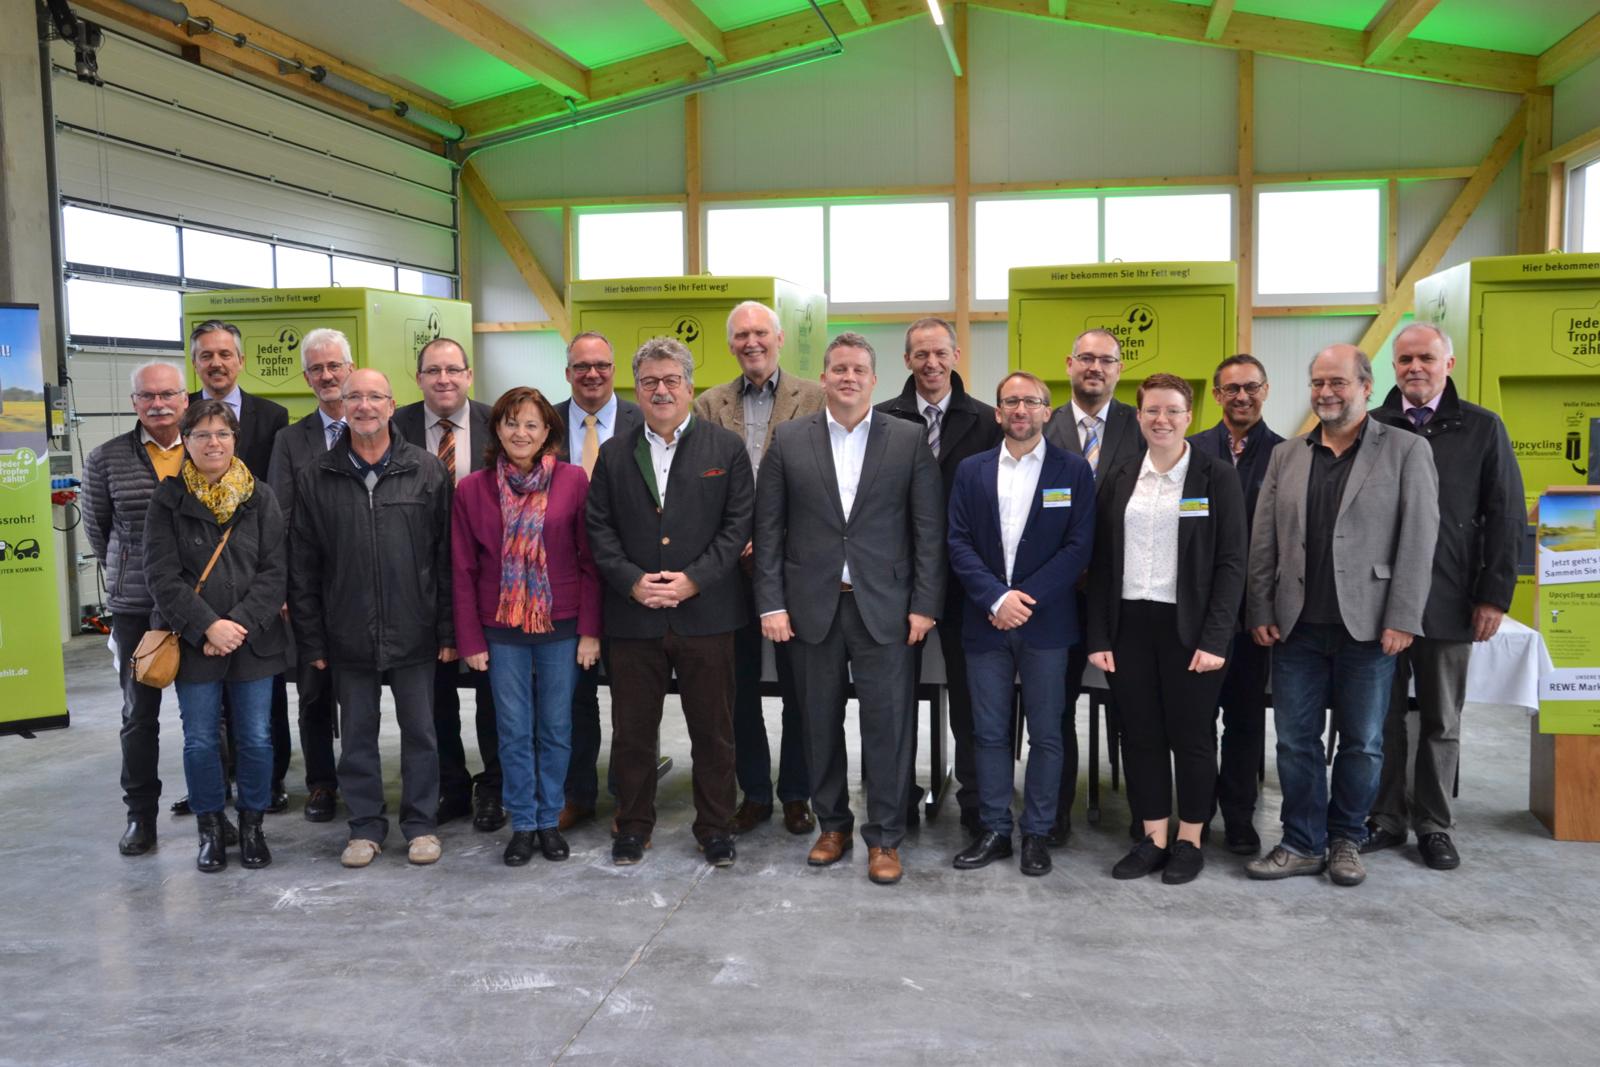 Teilnehmer (Von links nach rechts): Herr Sorgatz (Kreisrat), Herr Evers (Geschäftsführer MVaK), Frau Hemmeter (Kreisrätin), Herr Mahl (Bürgermeister Hilpoltstein), Herr Neuweg (Kreisrat), Herr Küttinger (Bürgermeister Thalmässing), Frau Mortler (MdB, agrar- und umweltpolitische Sprecherin der CSU im Bundestag), Herr Beyer (Bürgermeister Heideck), Herr Preischl (Bürgermeister Greding),  Herr Maid (Abfallwirtschaft Fürth), Herr Träger (MdB, umweltpolitischer Sprecher der SPD Fraktion im Bundestag), Herr Redel (Abfallwirtschaft Erlangen), Herr Lesch (Fa. Lesch), Herr Horndasch (Bürgermeister Allersberg), Frau Lesch (Fa. Lesch),  Herr Zenk (Fa. Lesch),  Herr Hallitzky (Vorsitzender Bündnis 90/Die Grünen Bayern), Herr Eckstein (Landrat)